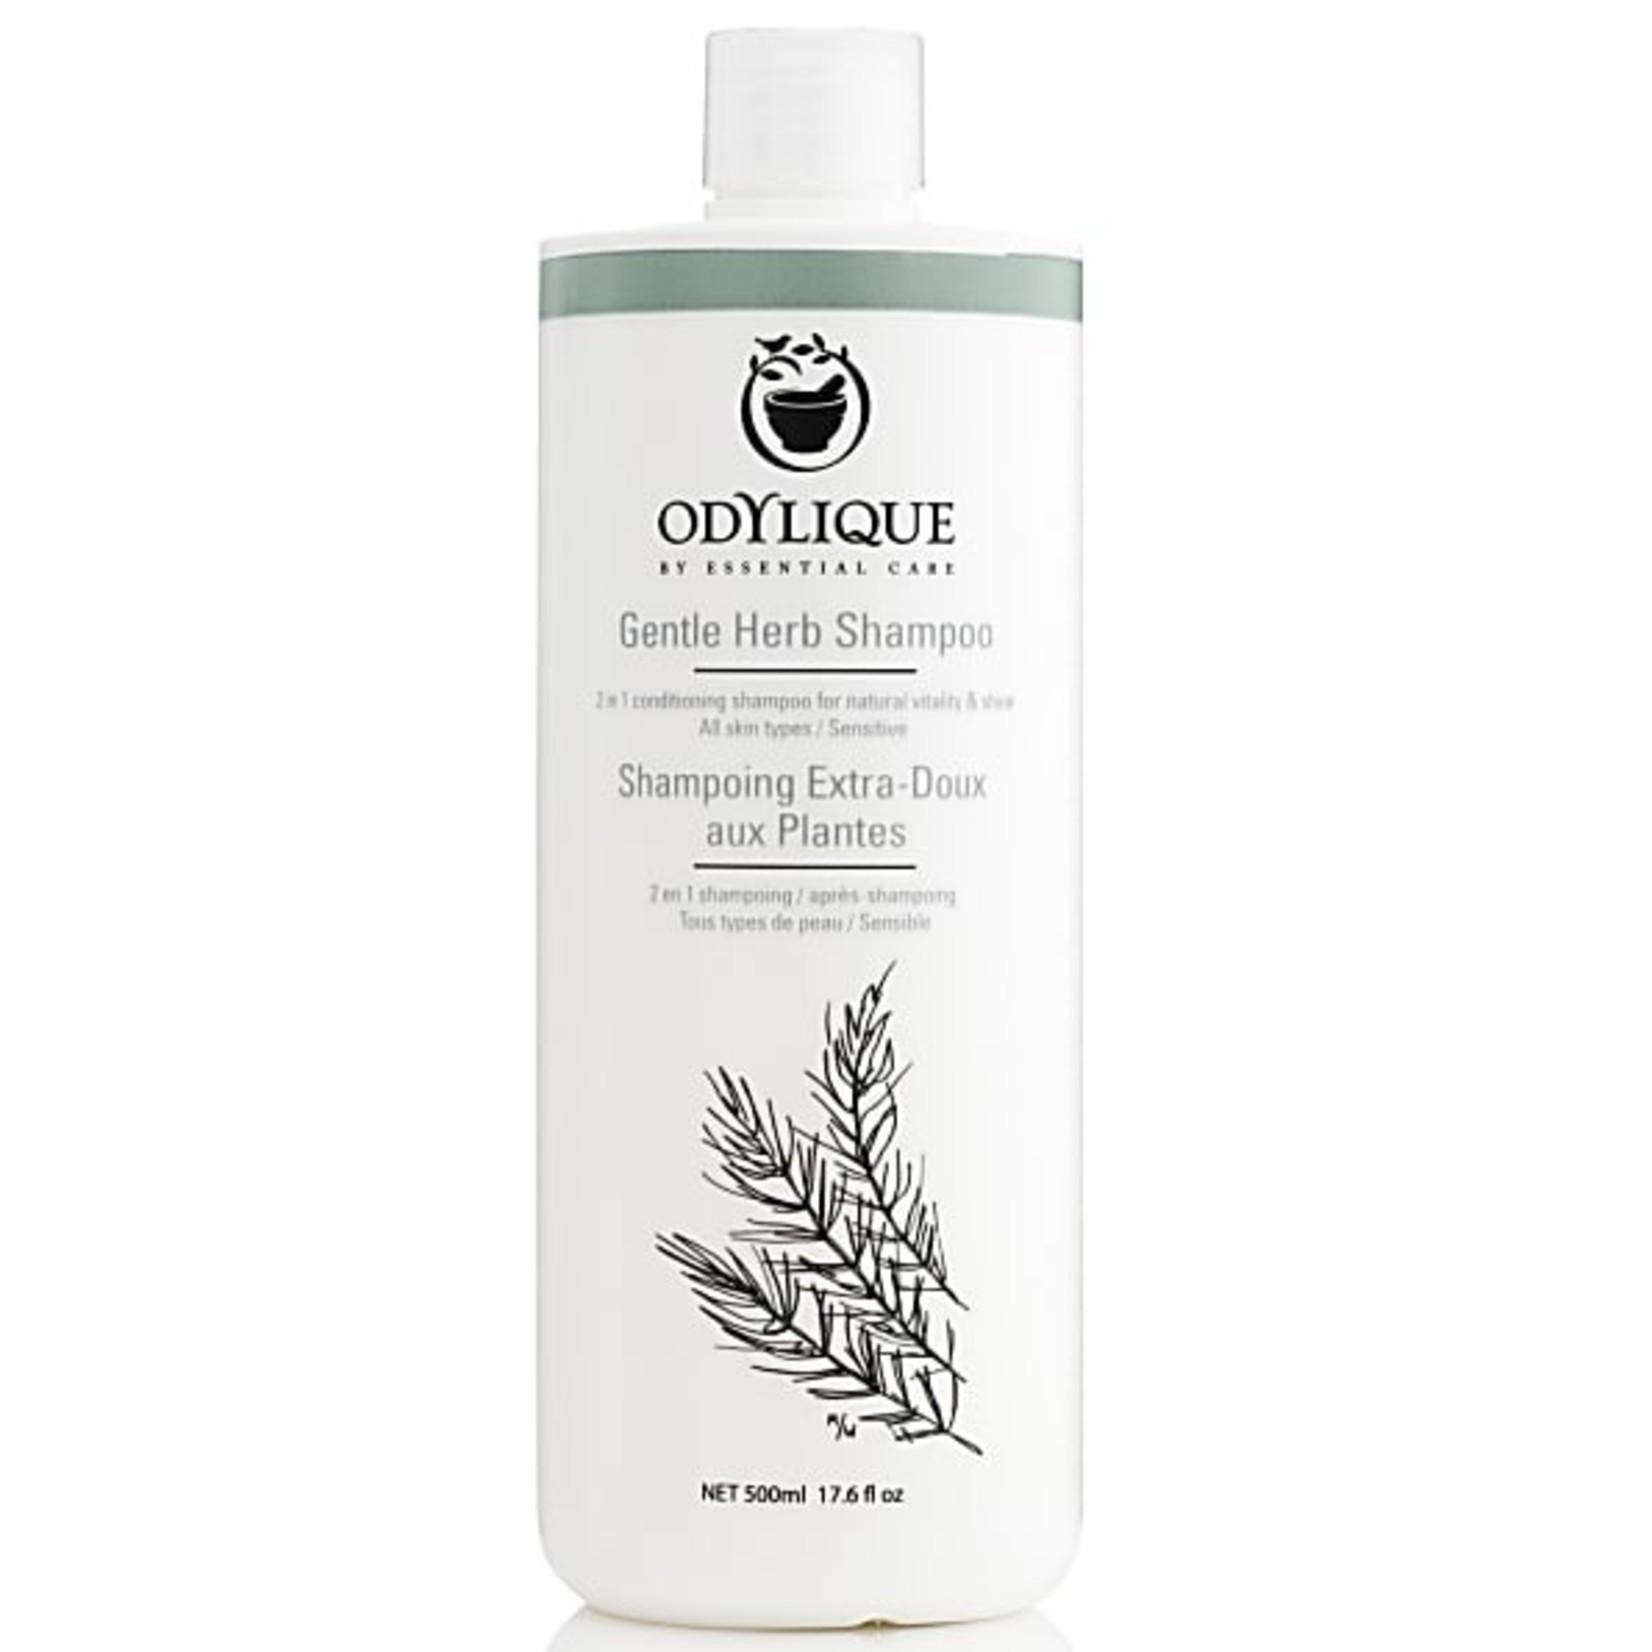 Odylique Familieformaat tea tree & herbal shampoo Odylique - tegen roos 50ml